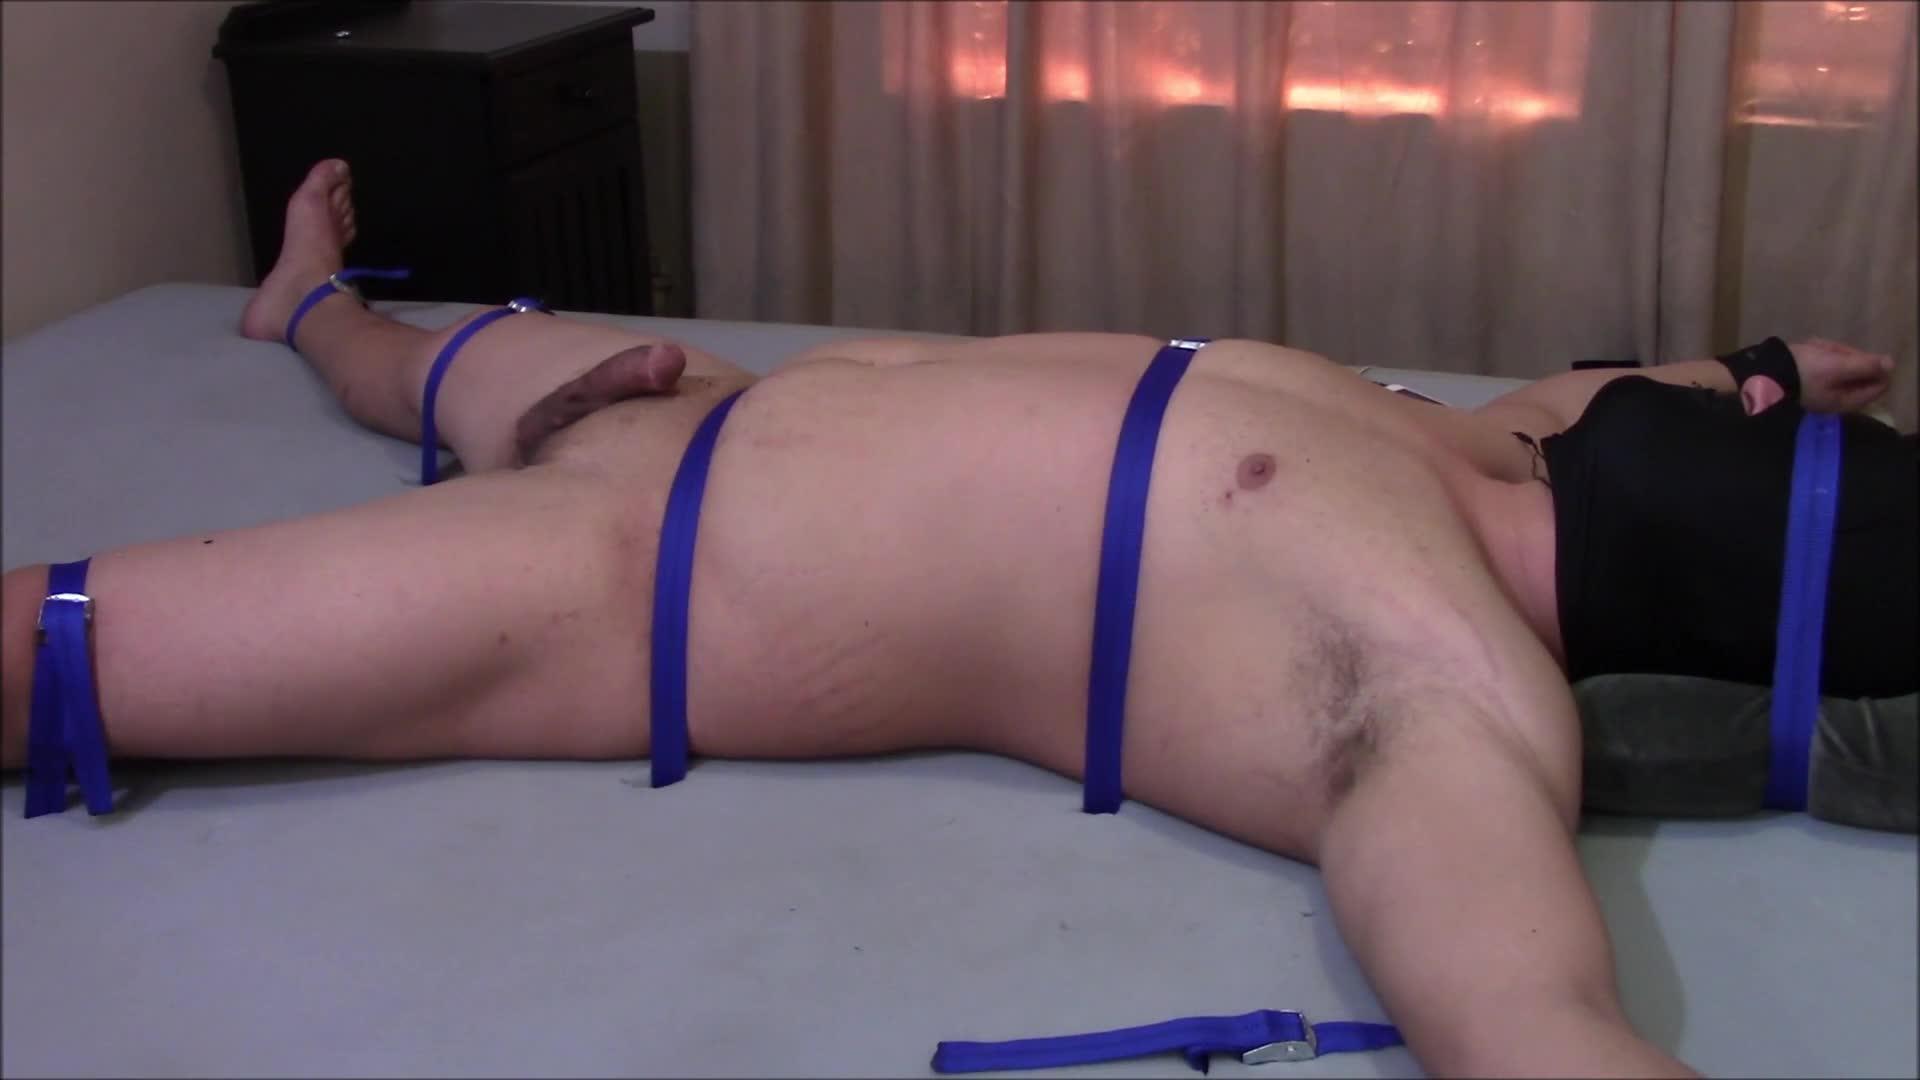 mój penis 26 cm ile lat pojawia się pierwsza erekcja